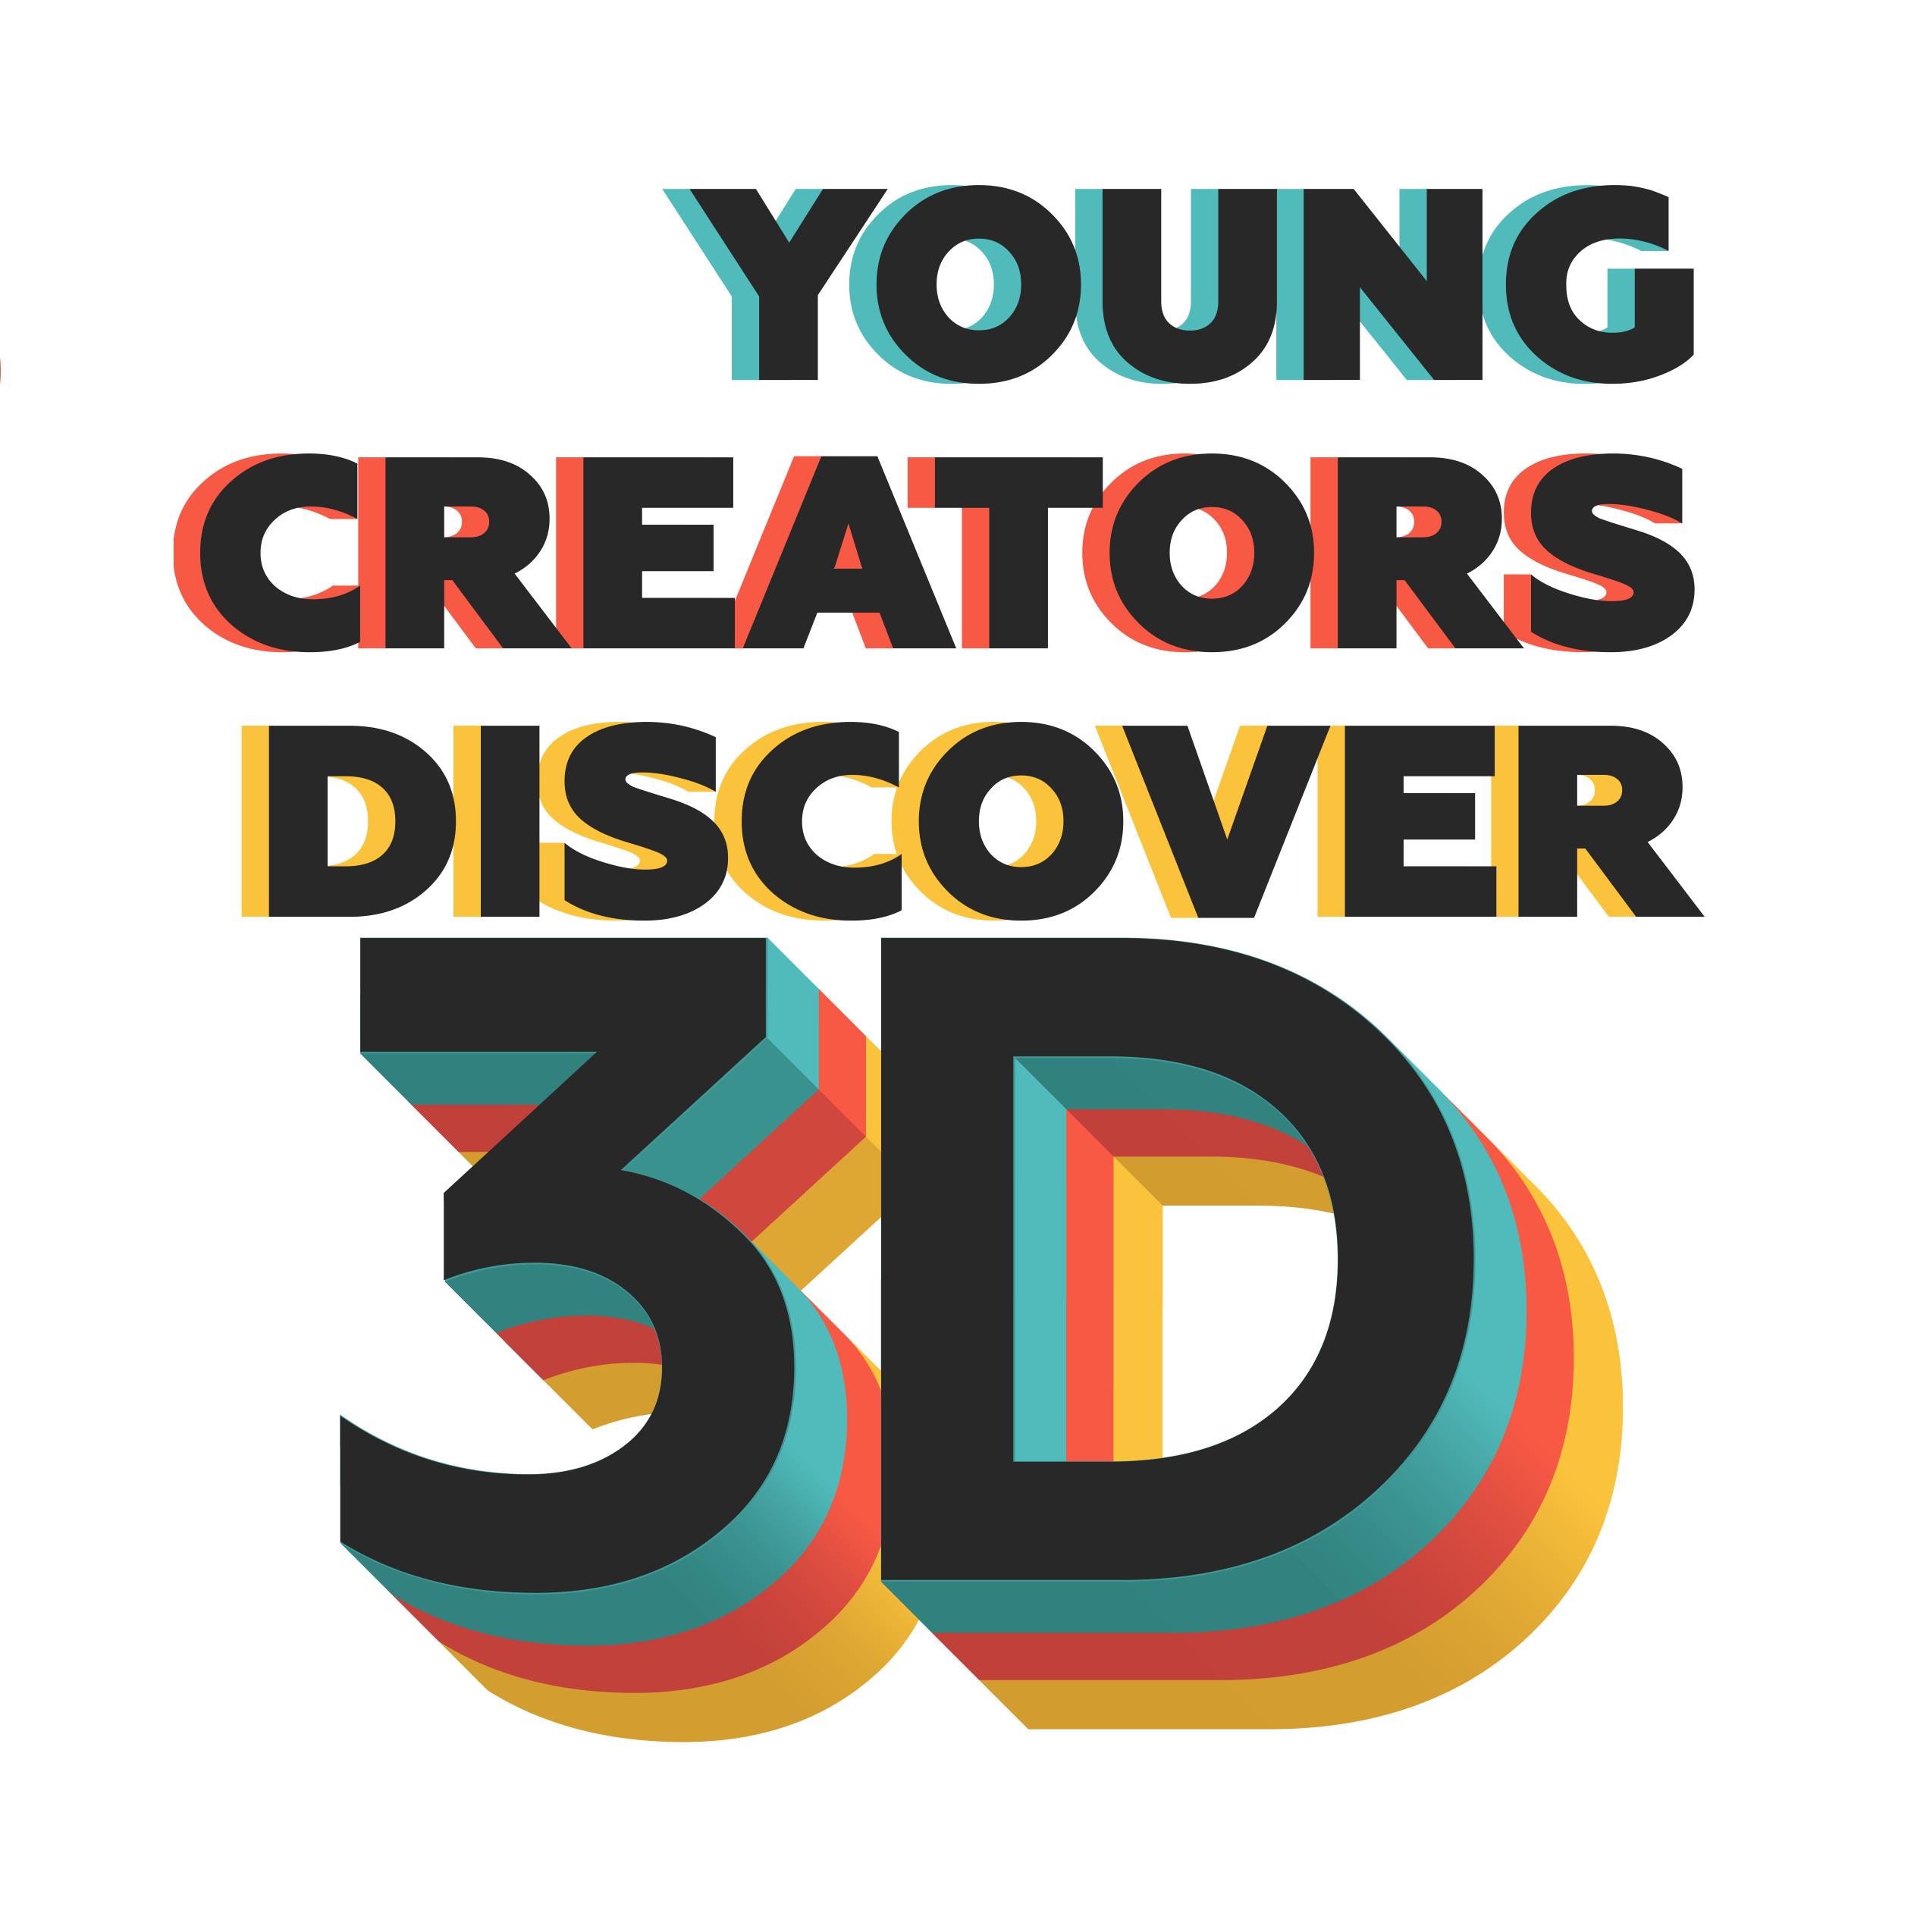 Young Creators Discover 3D